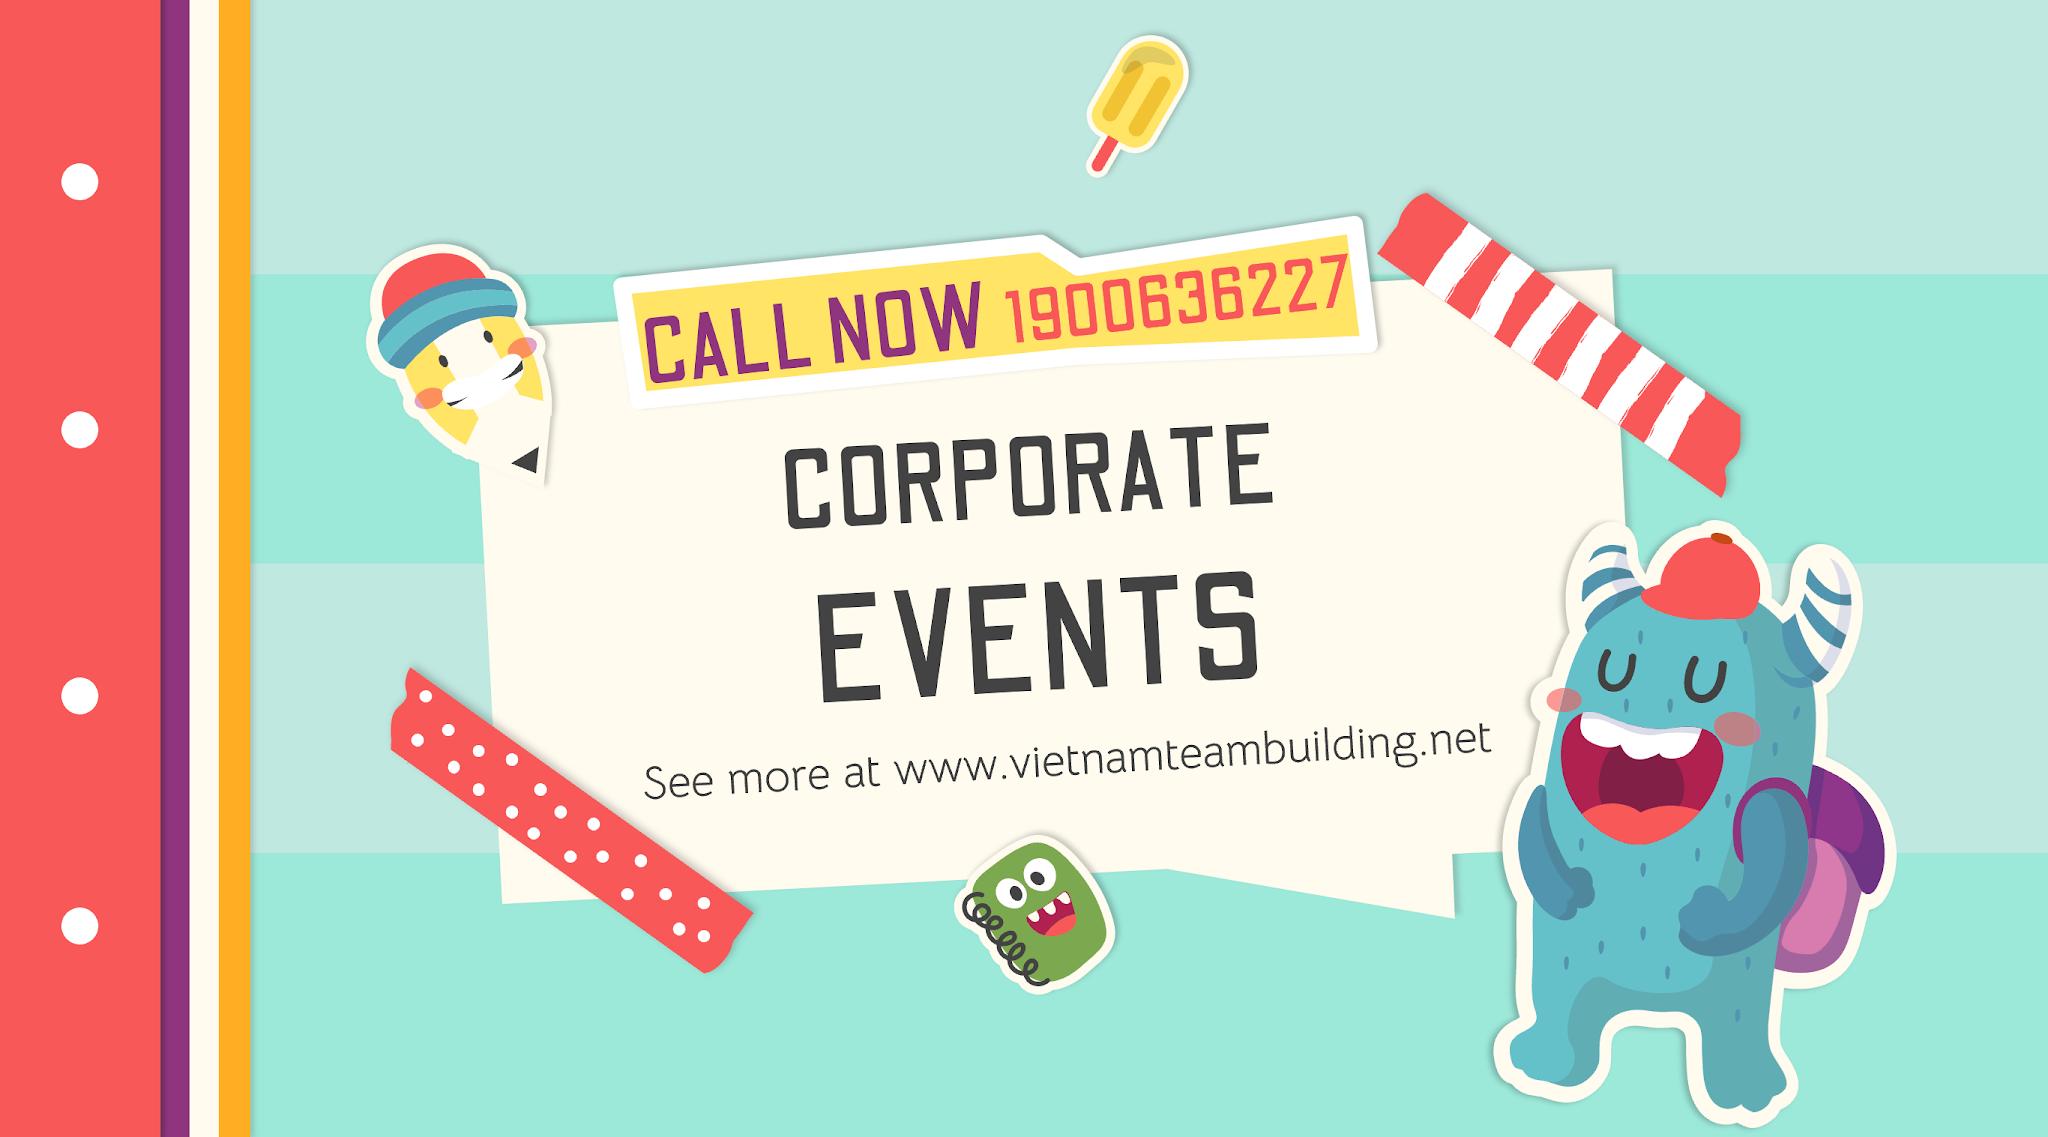 Tổ chức team building cho doanh nghiệp, Vietnamteambuilding